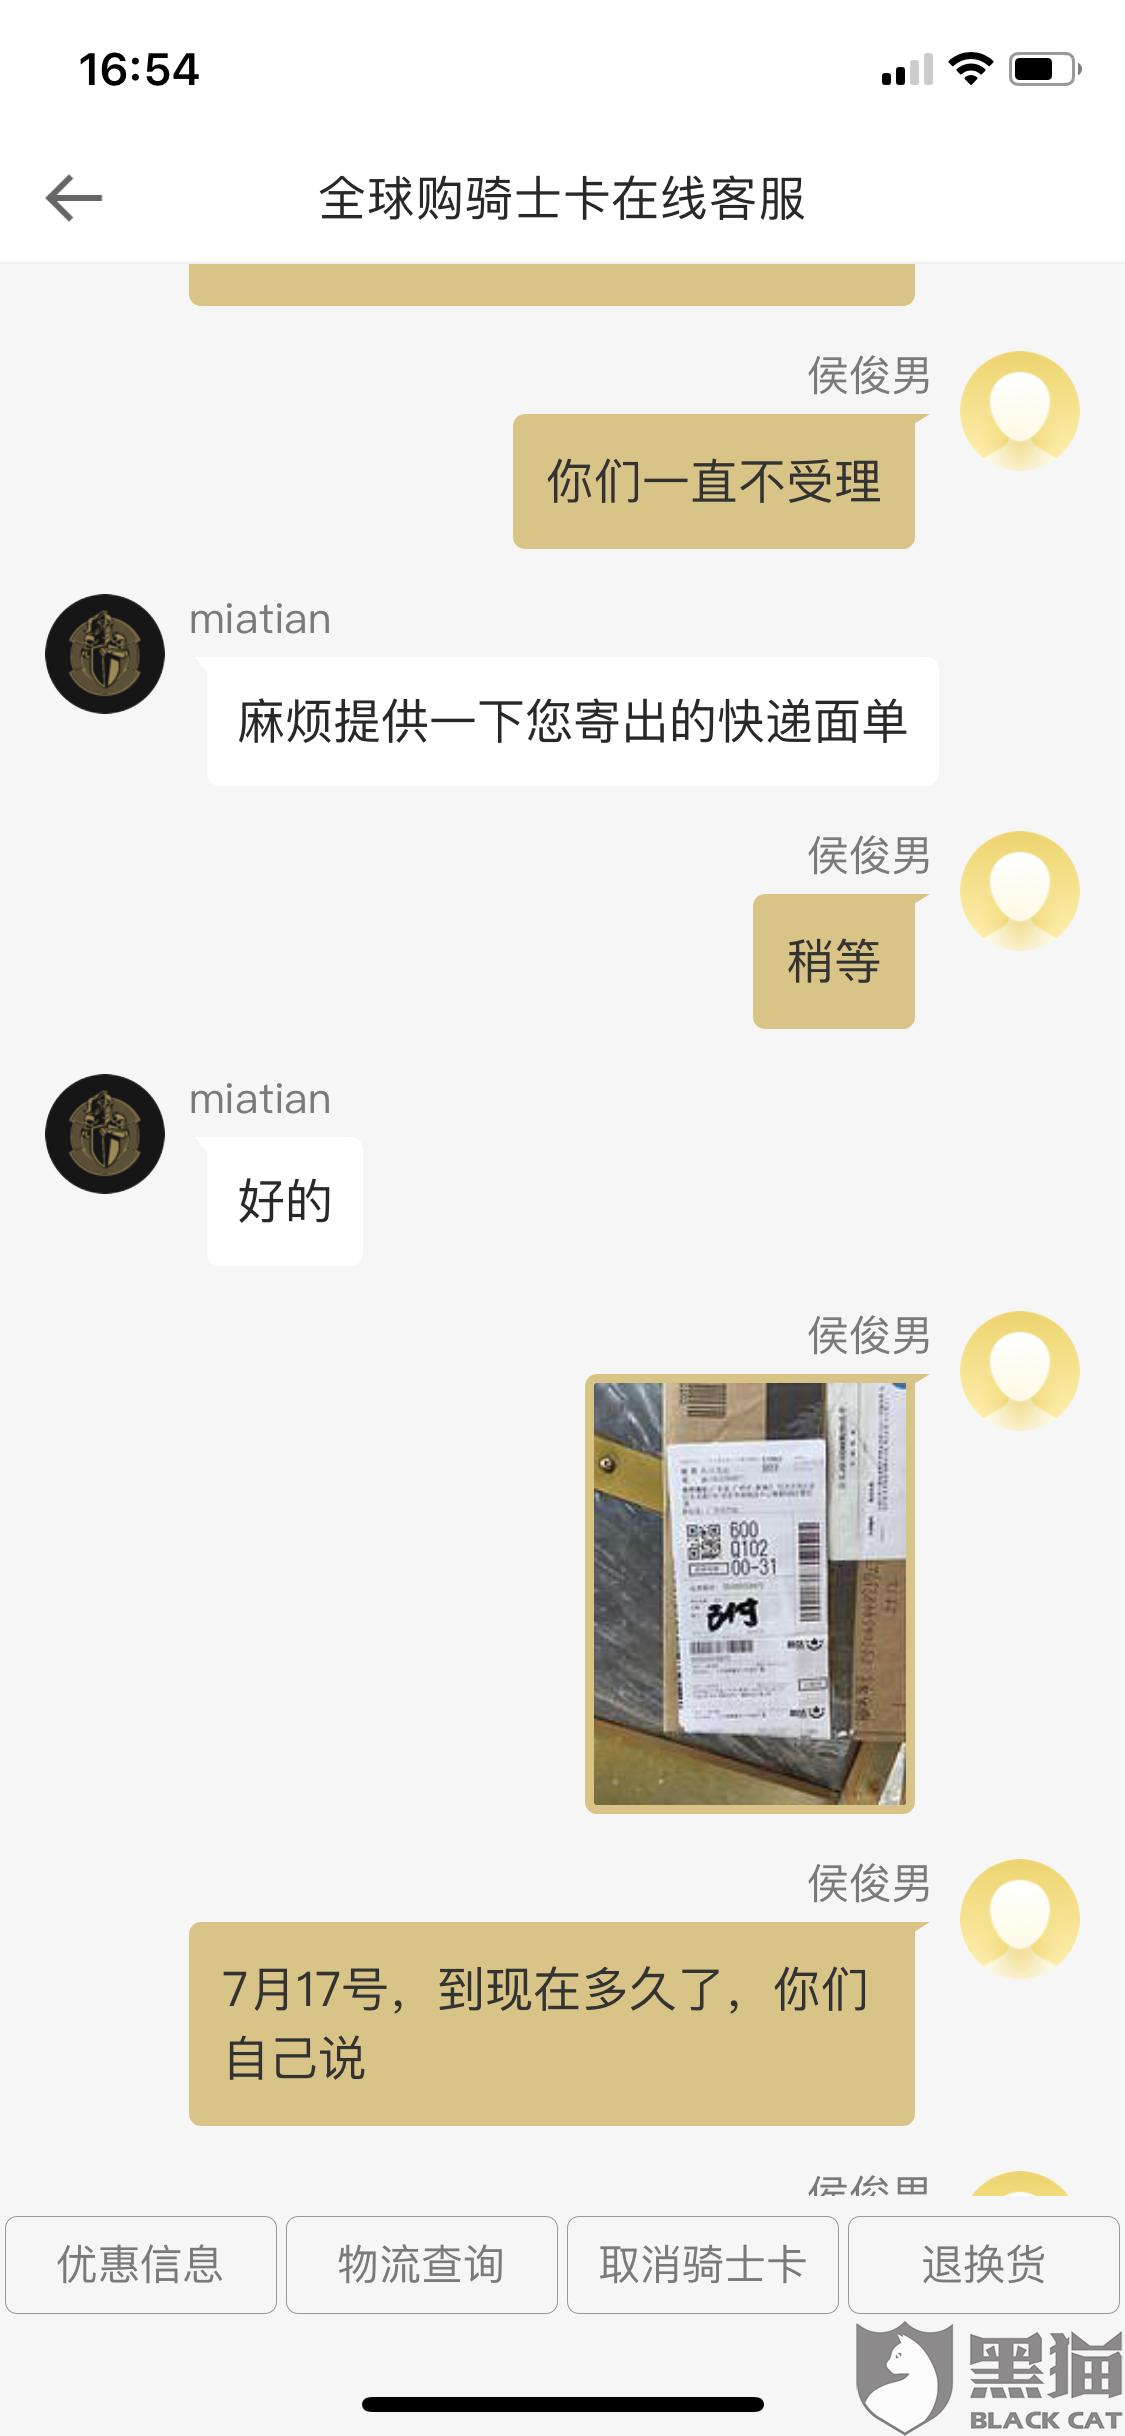 黑猫投诉:商家名称:骑士商城-京东精选,退货给商家,商家不签收,不退款,不解决